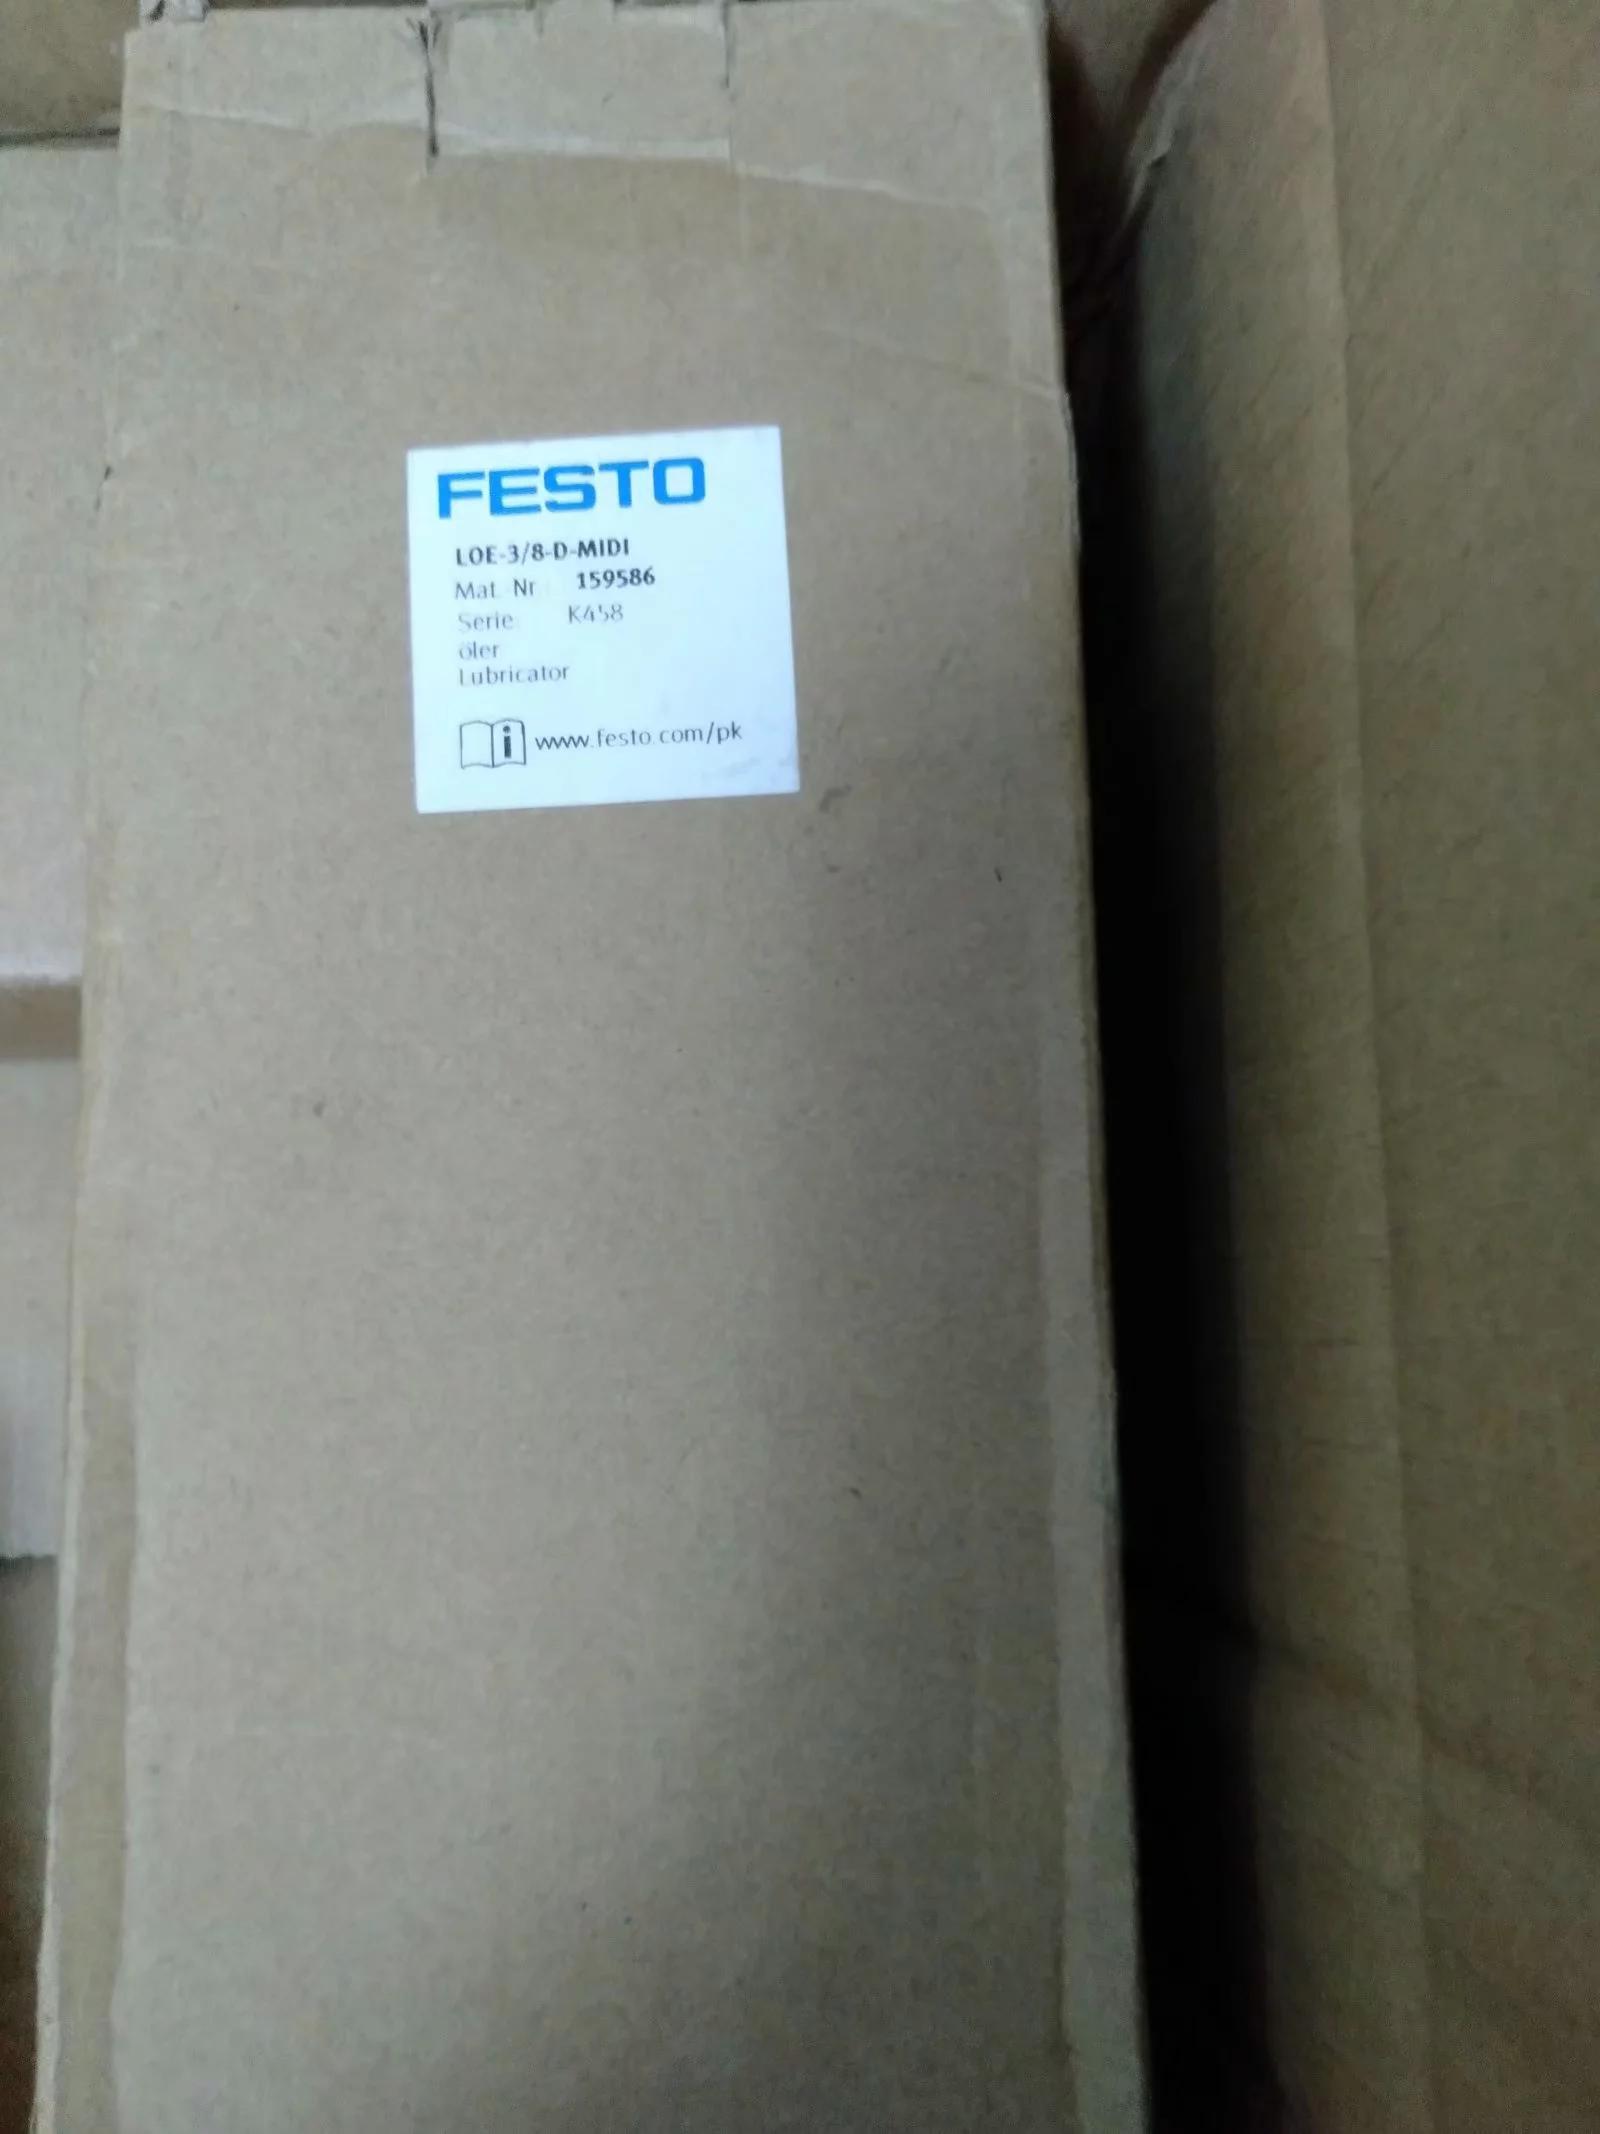 FESTO LOE-3/8-D-MIDI